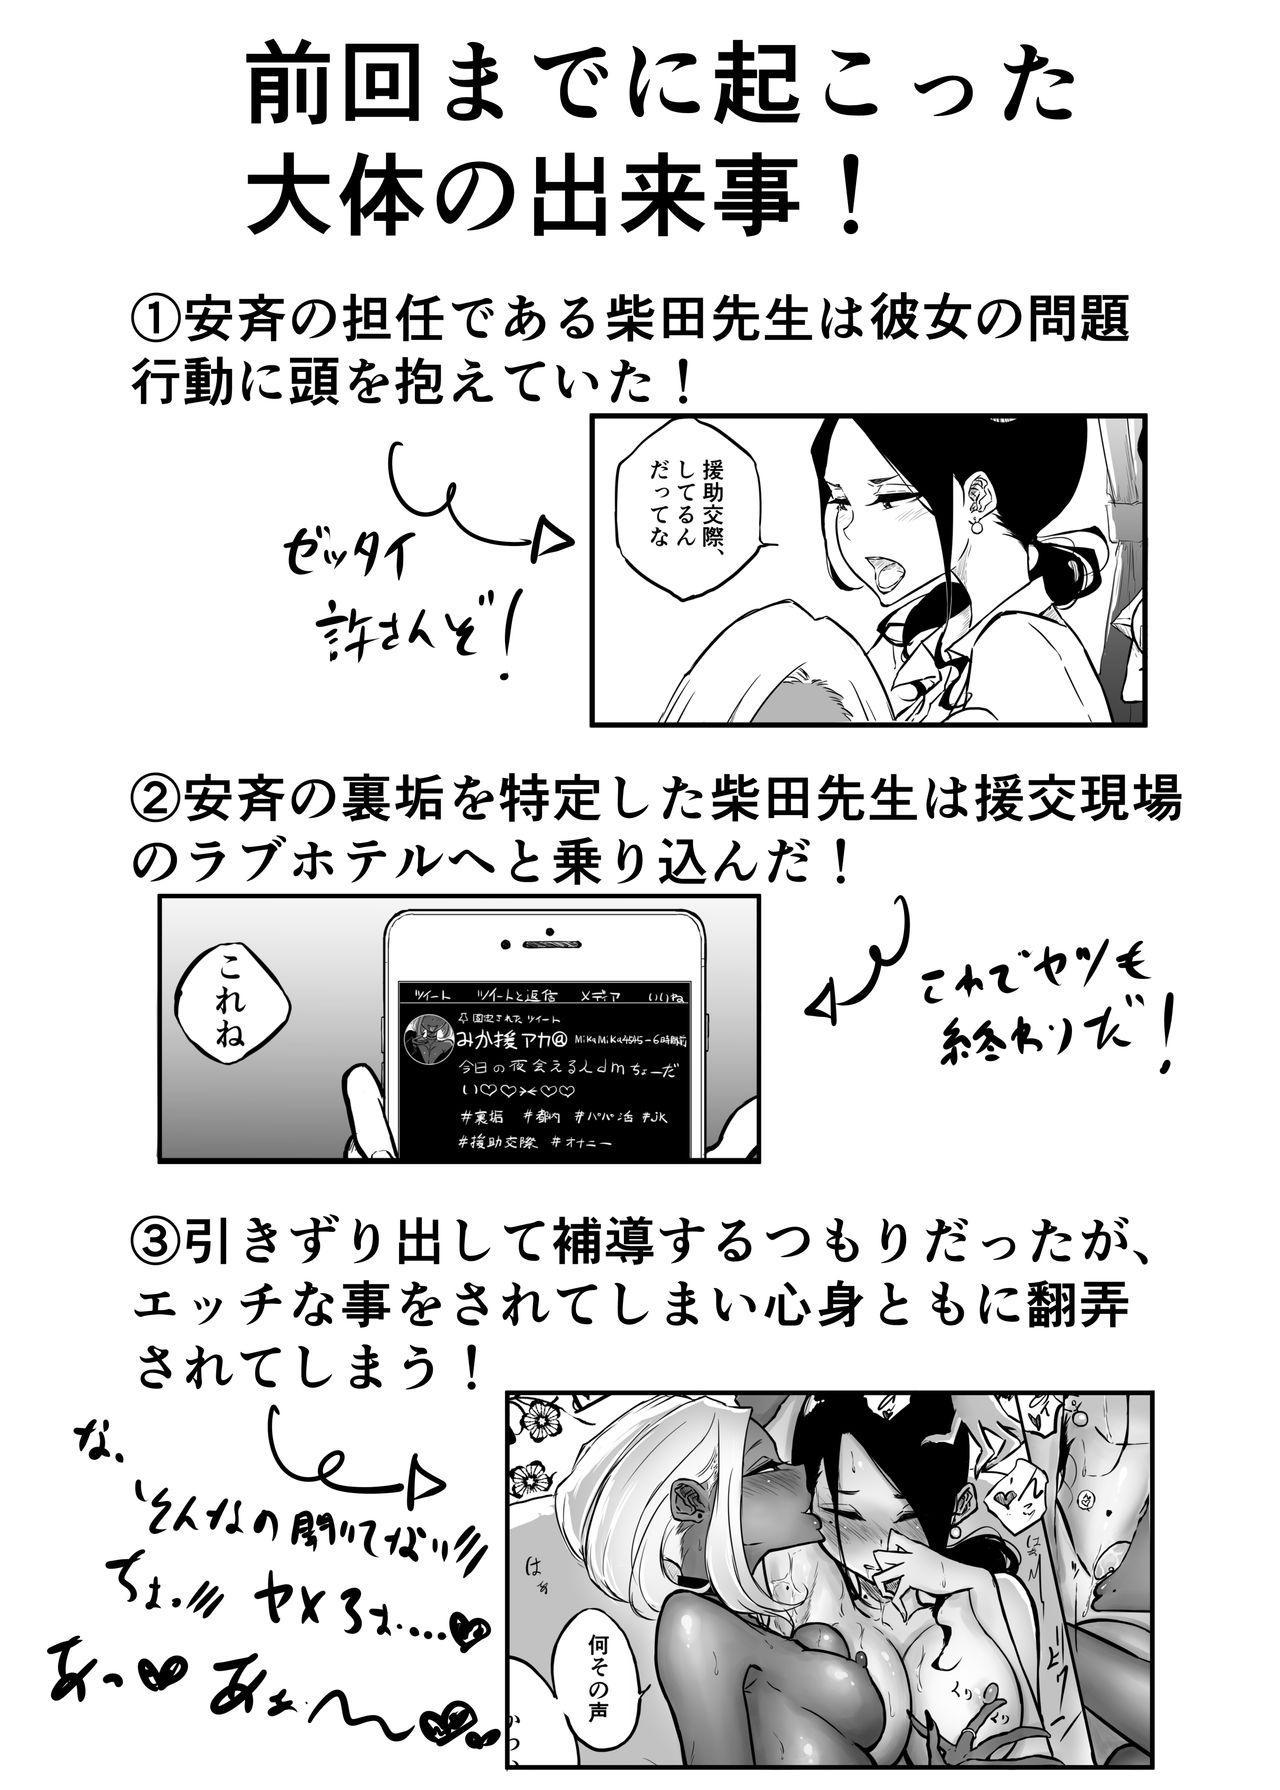 Sparta Sensei ga Oshiego no Bitch Gal ni Ecchi na Koto Sareru Hanashi 2 2